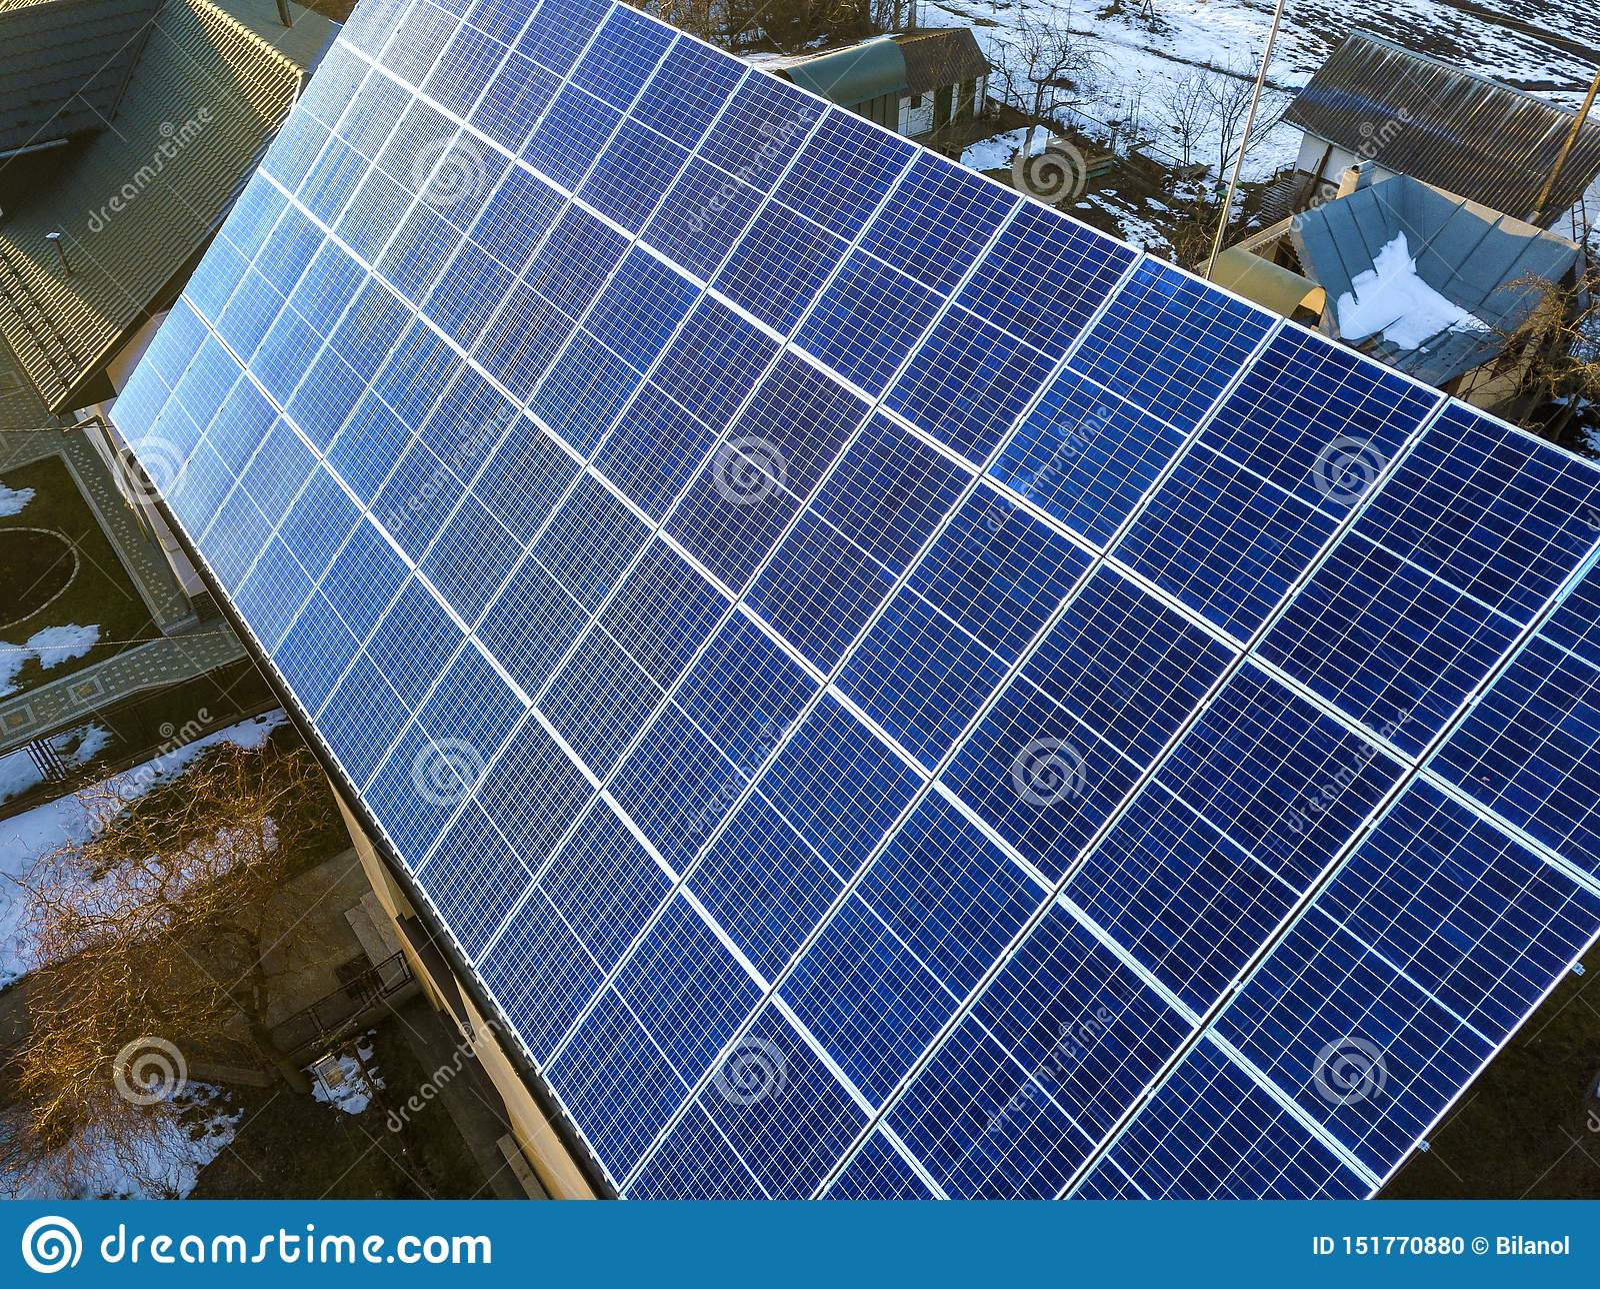 Close-upoppervlakte van aangestoken door voltaic de panelensysteem van de zon blauw glanzend zonnefoto bij de bouw van dak Vernie